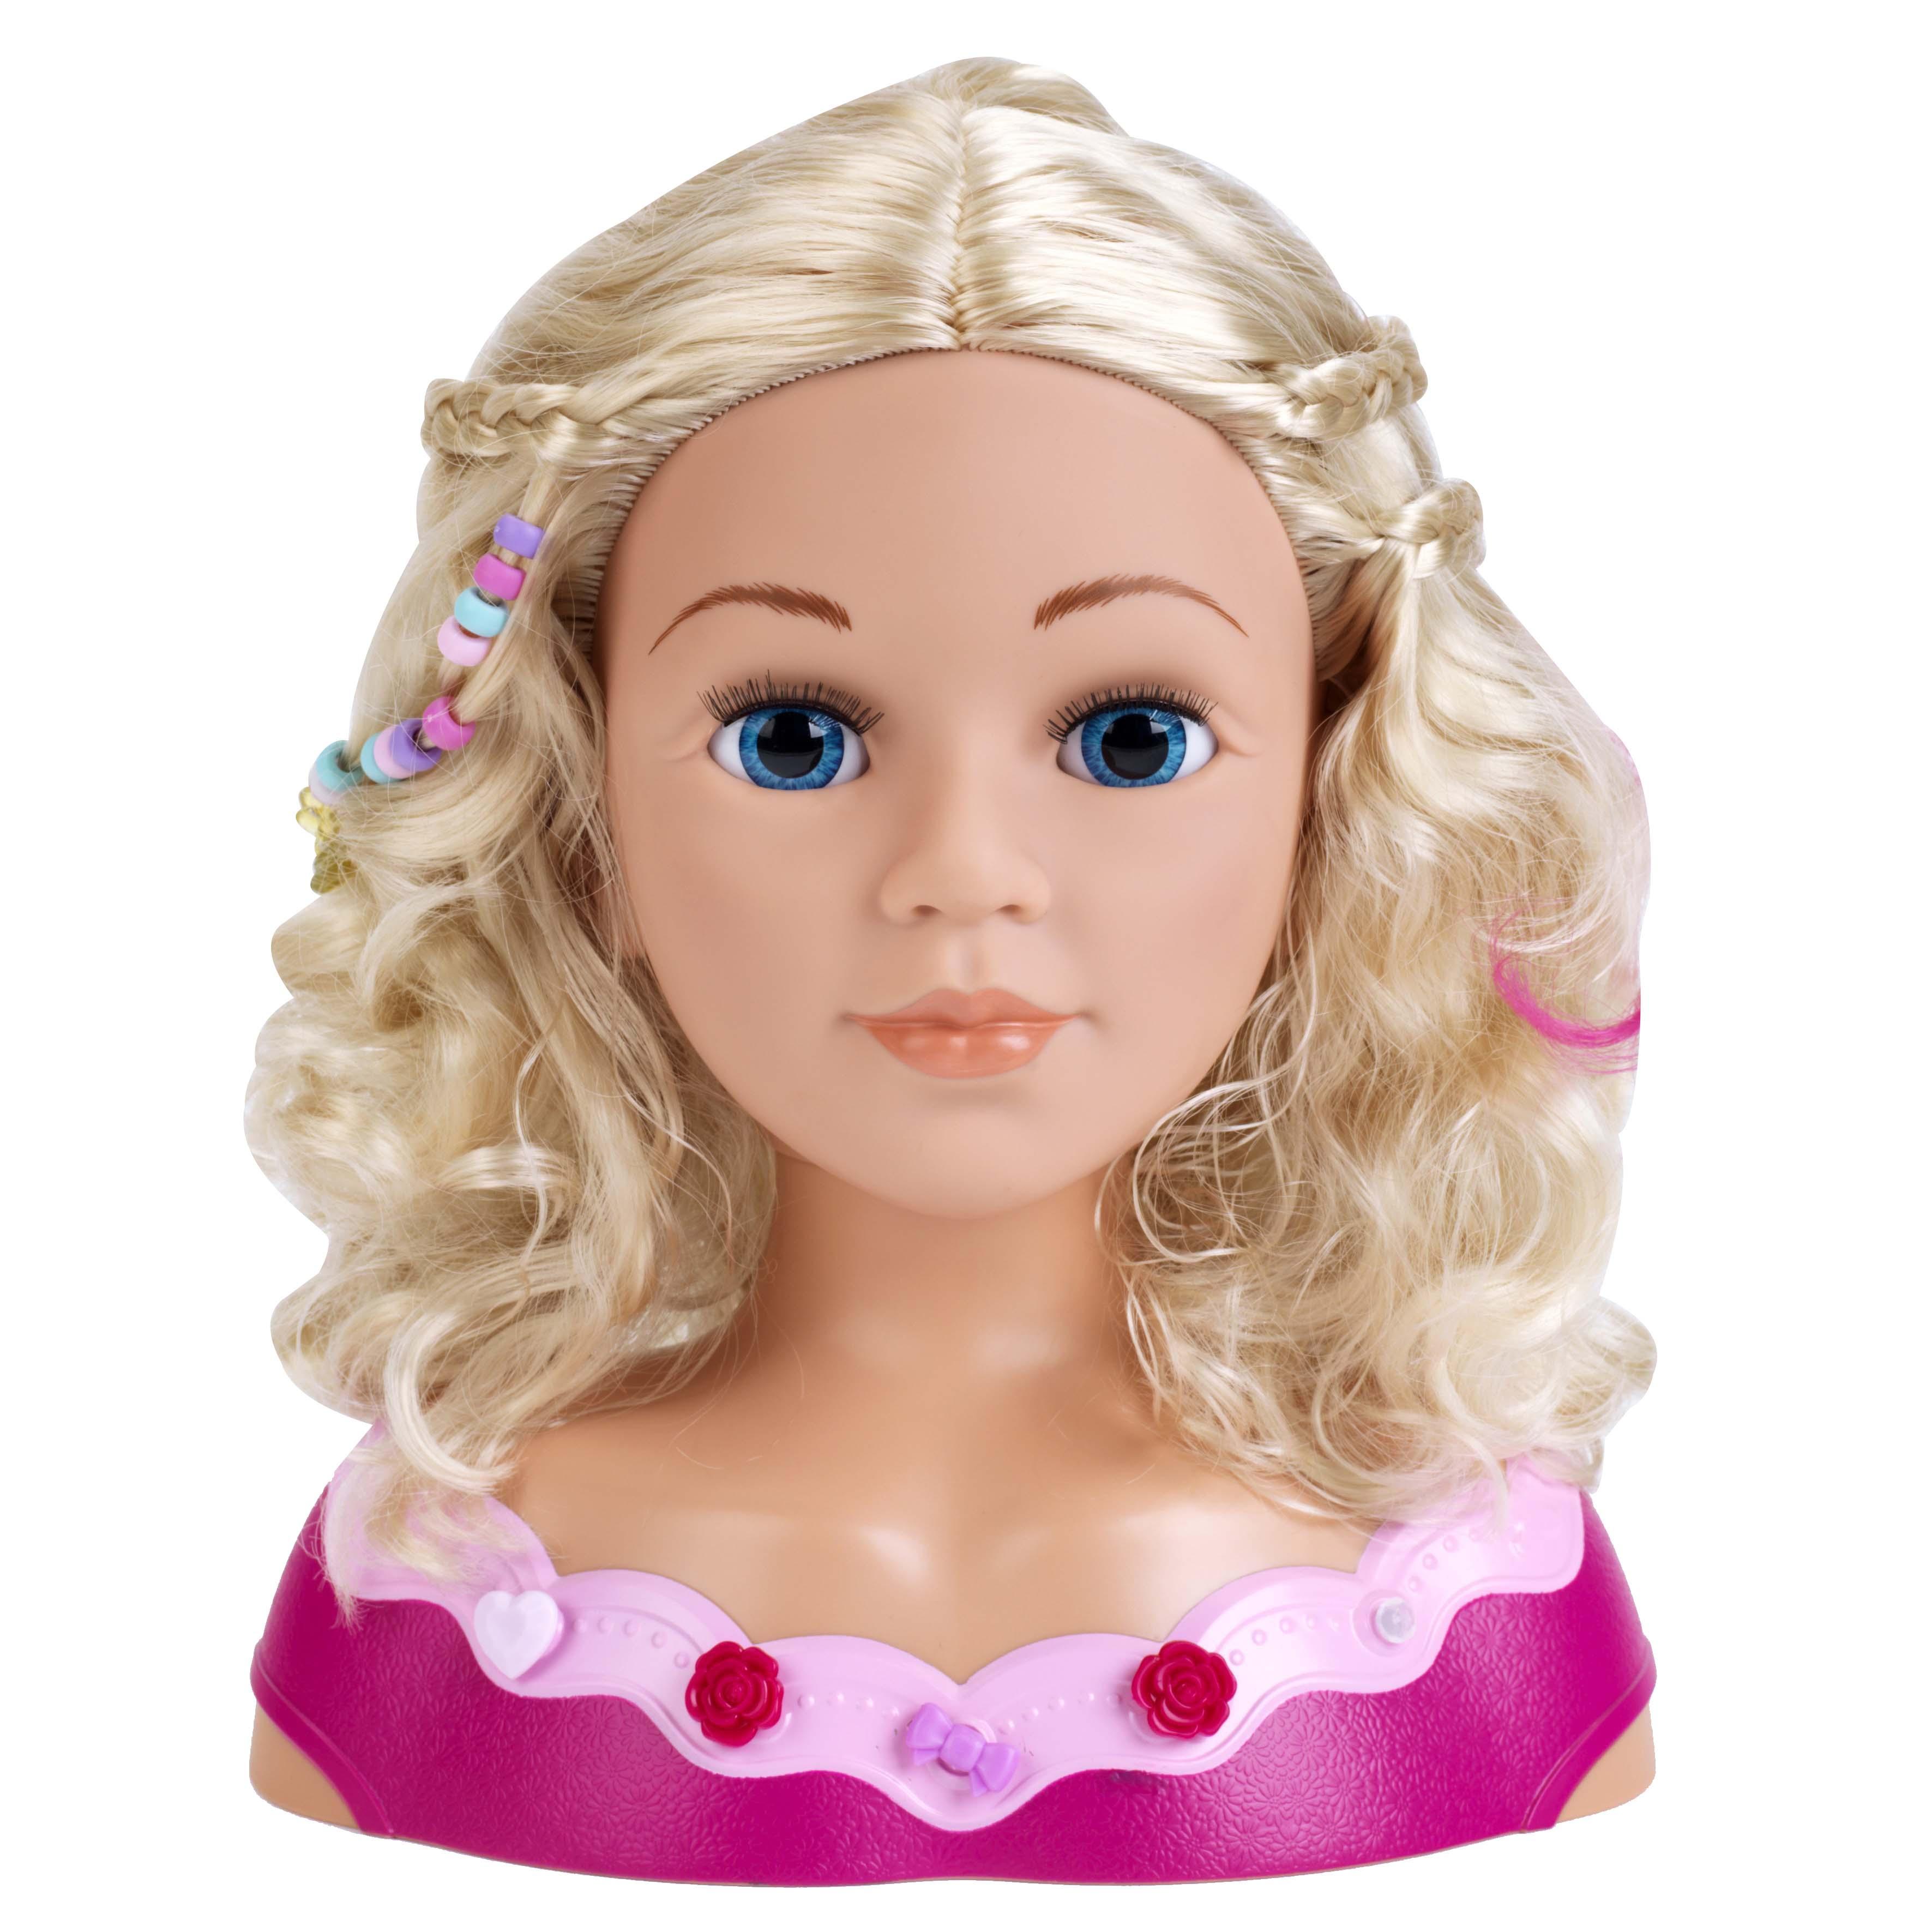 Afbeelding van Kapkop Met Make Up Princess Coralie 33 Cm